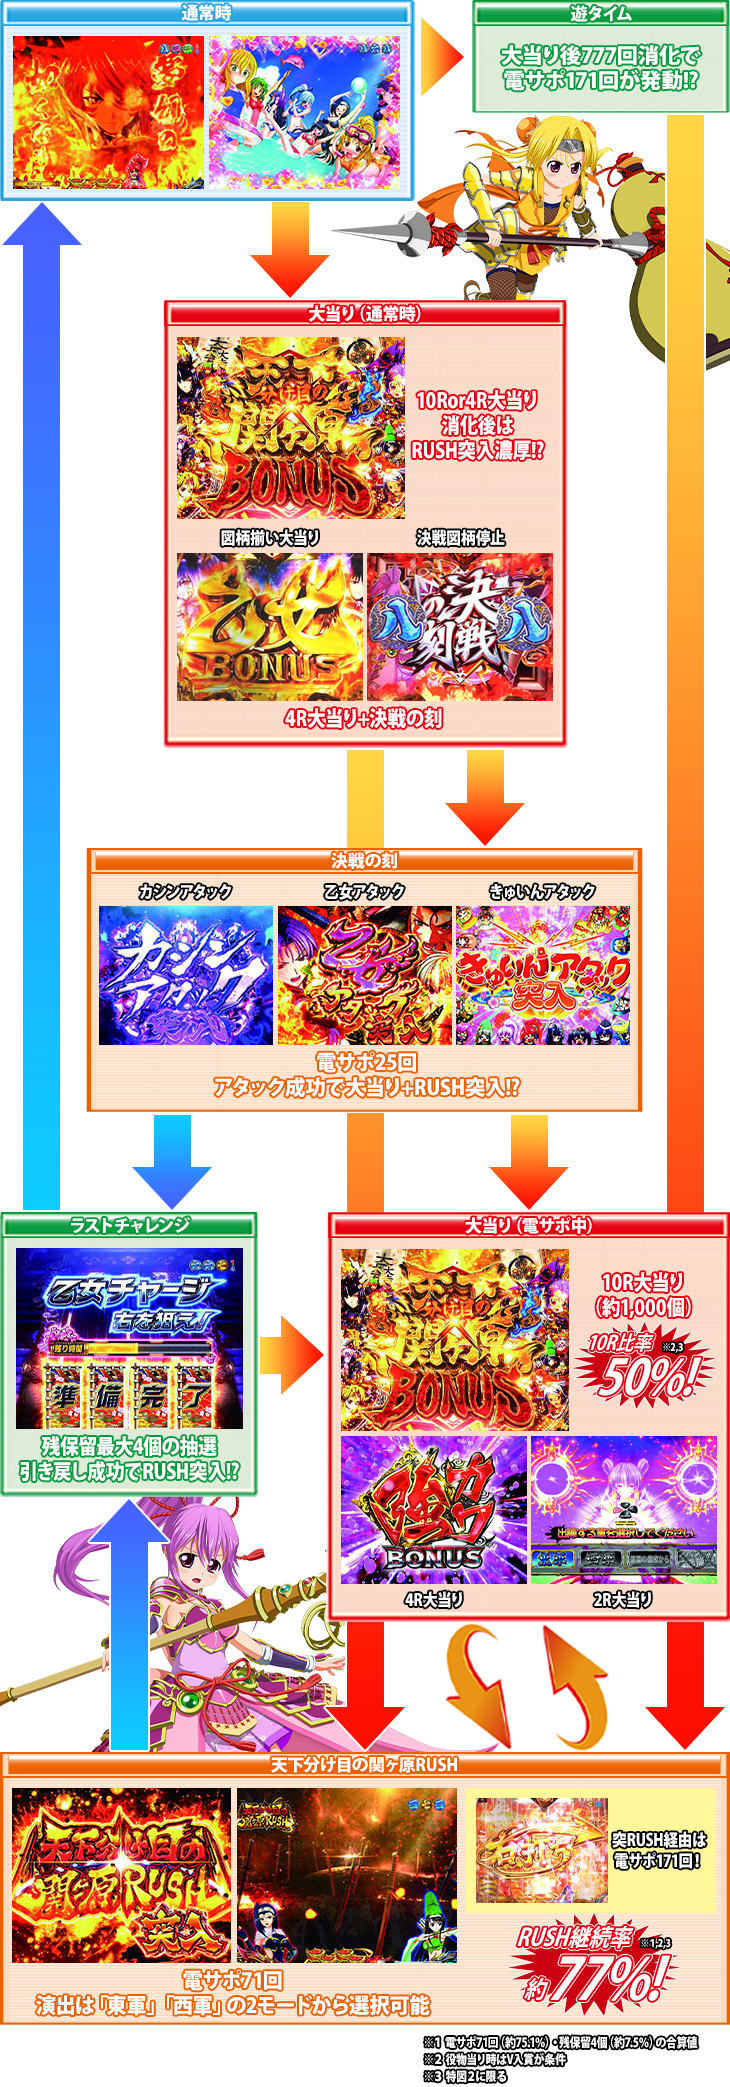 パチンコP戦国乙女6~暁の関ヶ原~甘デジのゲームフロー